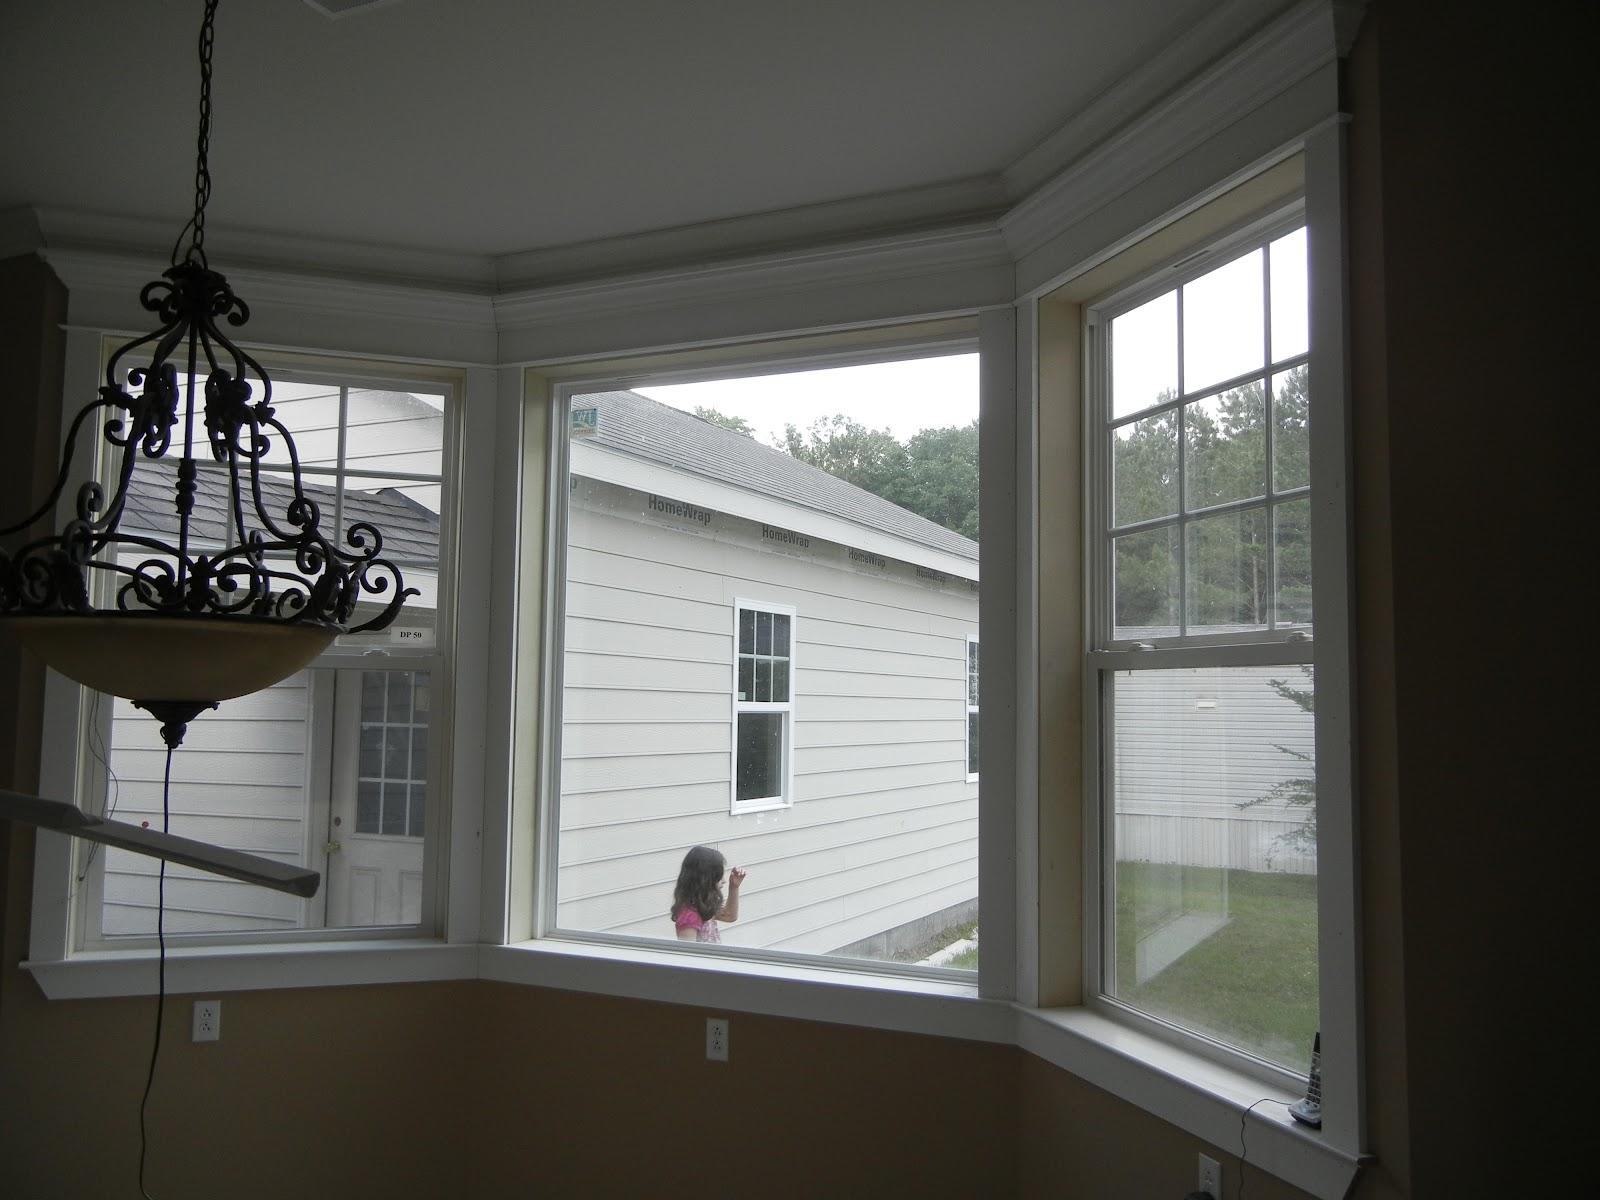 Double oak plantation breakfast nook bay window trimmed for Bay window breakfast nook